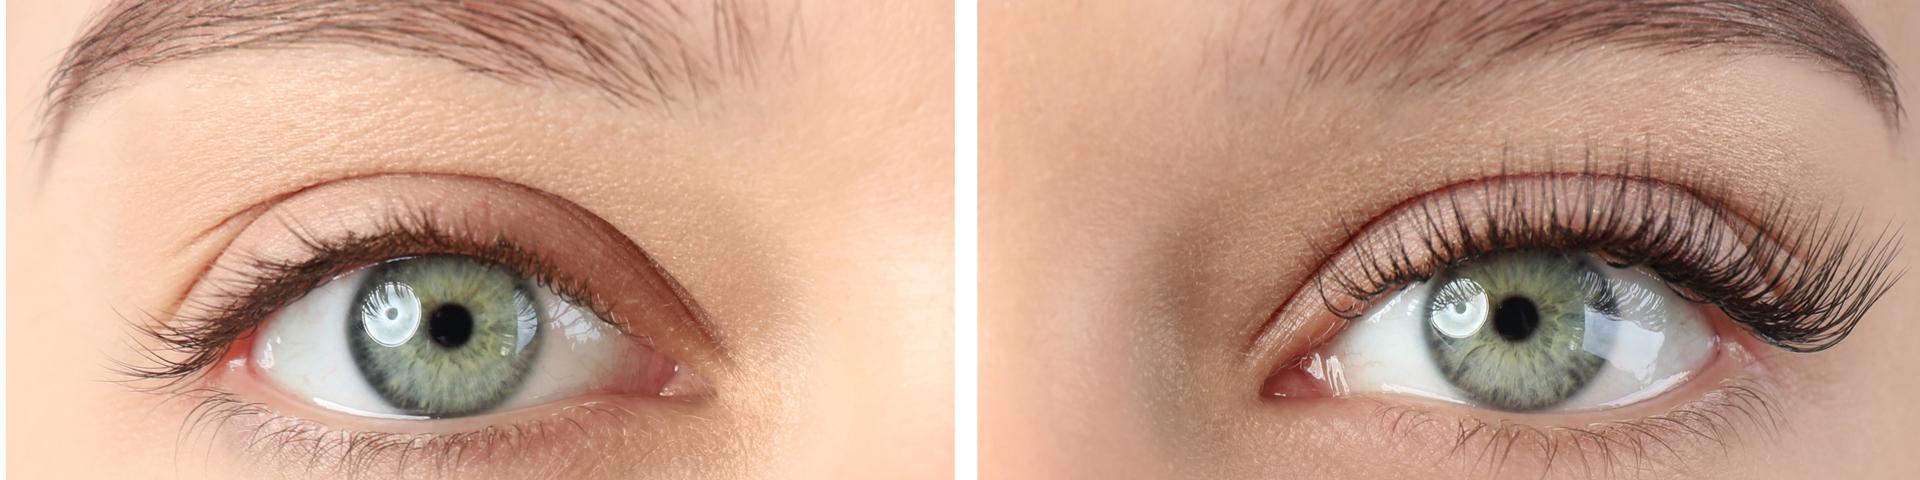 Ein Augenpaar mit unterschiedlichen Wimpernkranz